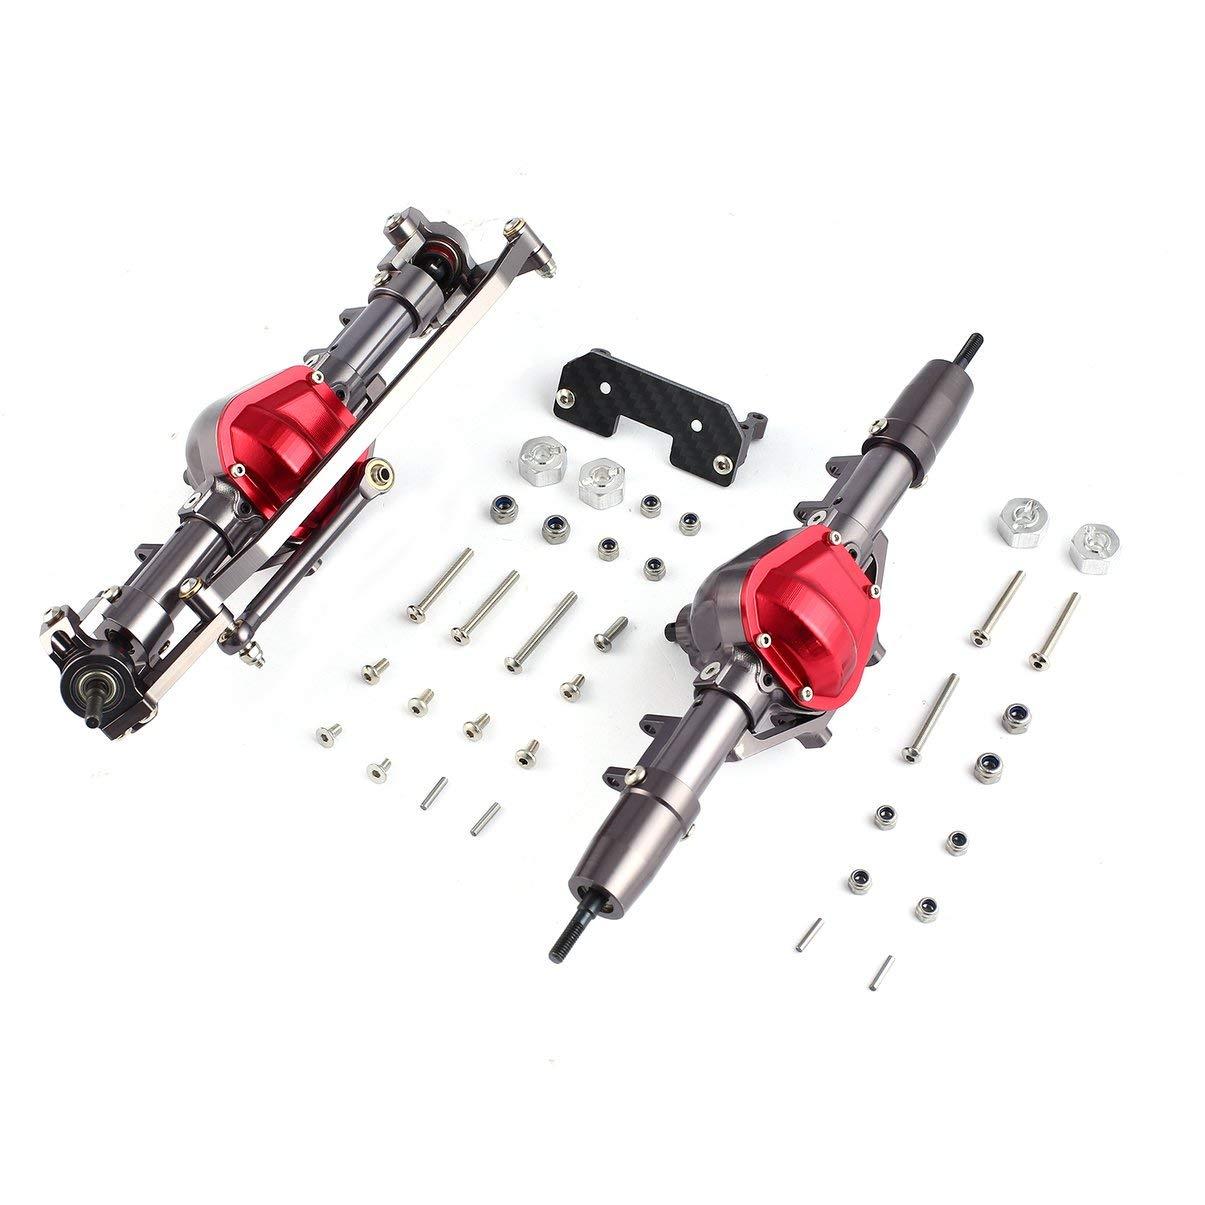 Jullyelegant Metalllegierung Vorderachse Hinterachse Kit Zubehör Combo Ersatzteile Komponente für 1/10 D90 RC4WD Yota II RC Auto Crawler